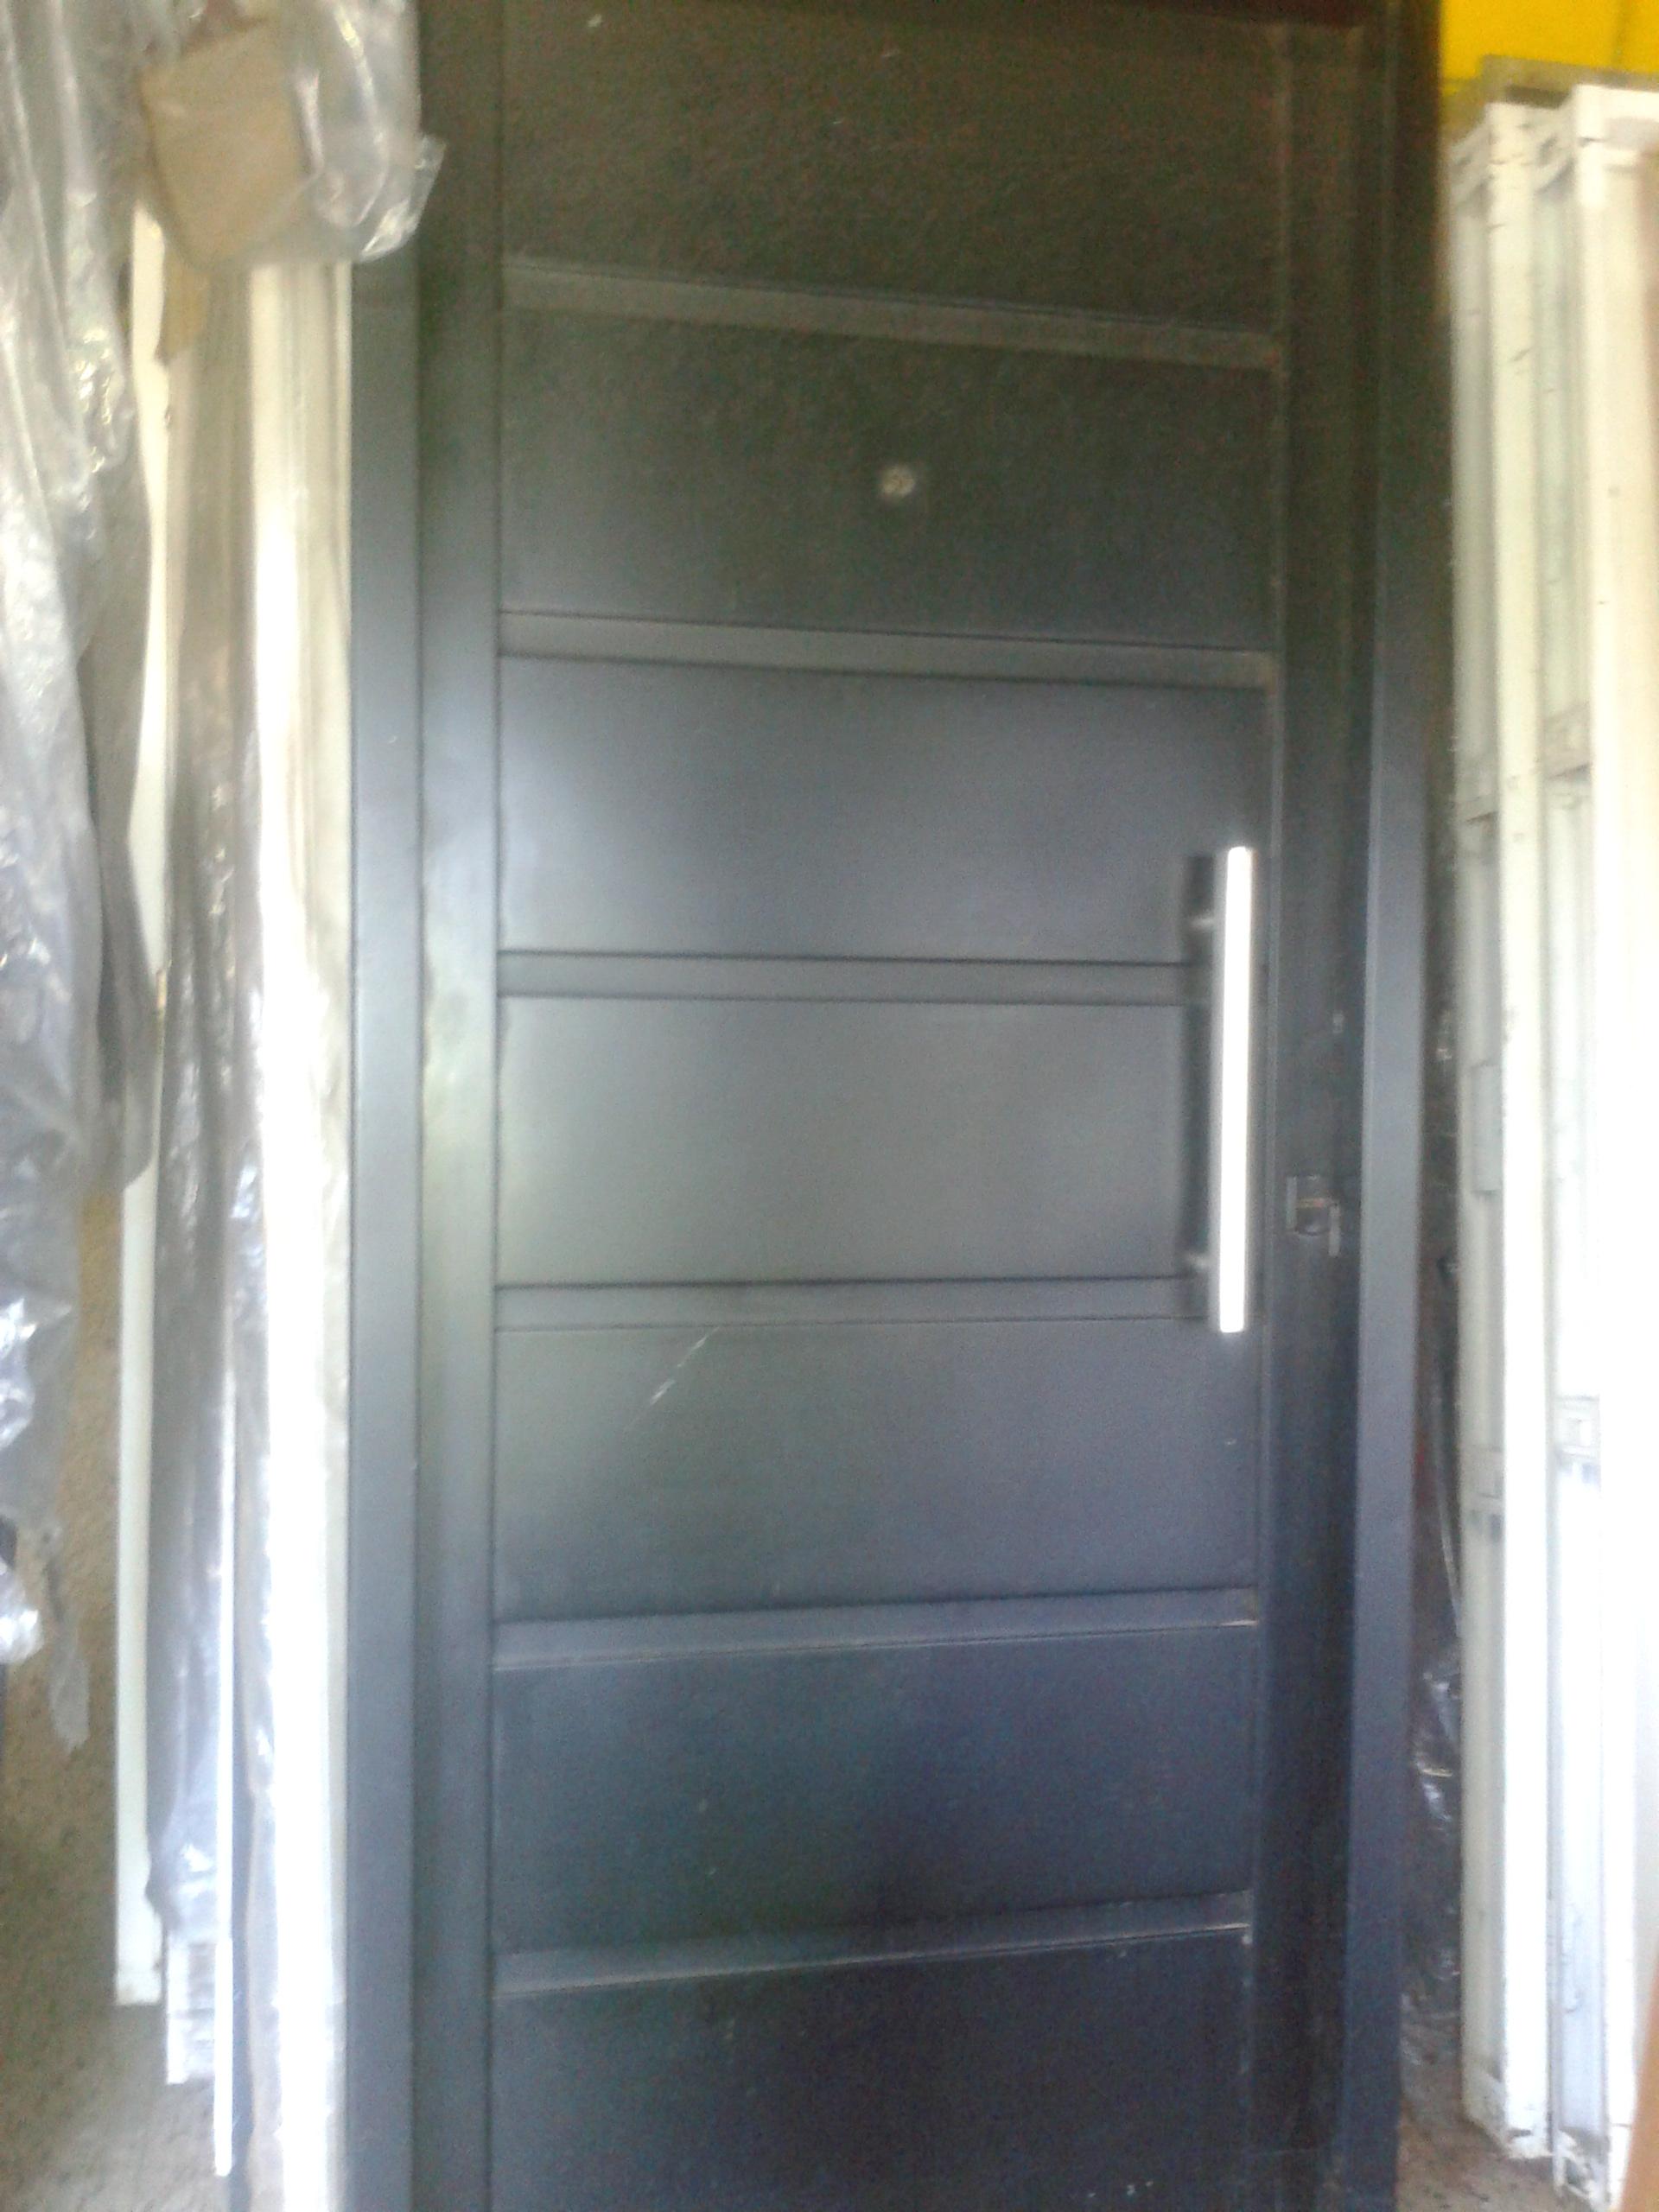 Puertas de chapa categor as de los productos extra - Puerta de chapa ...